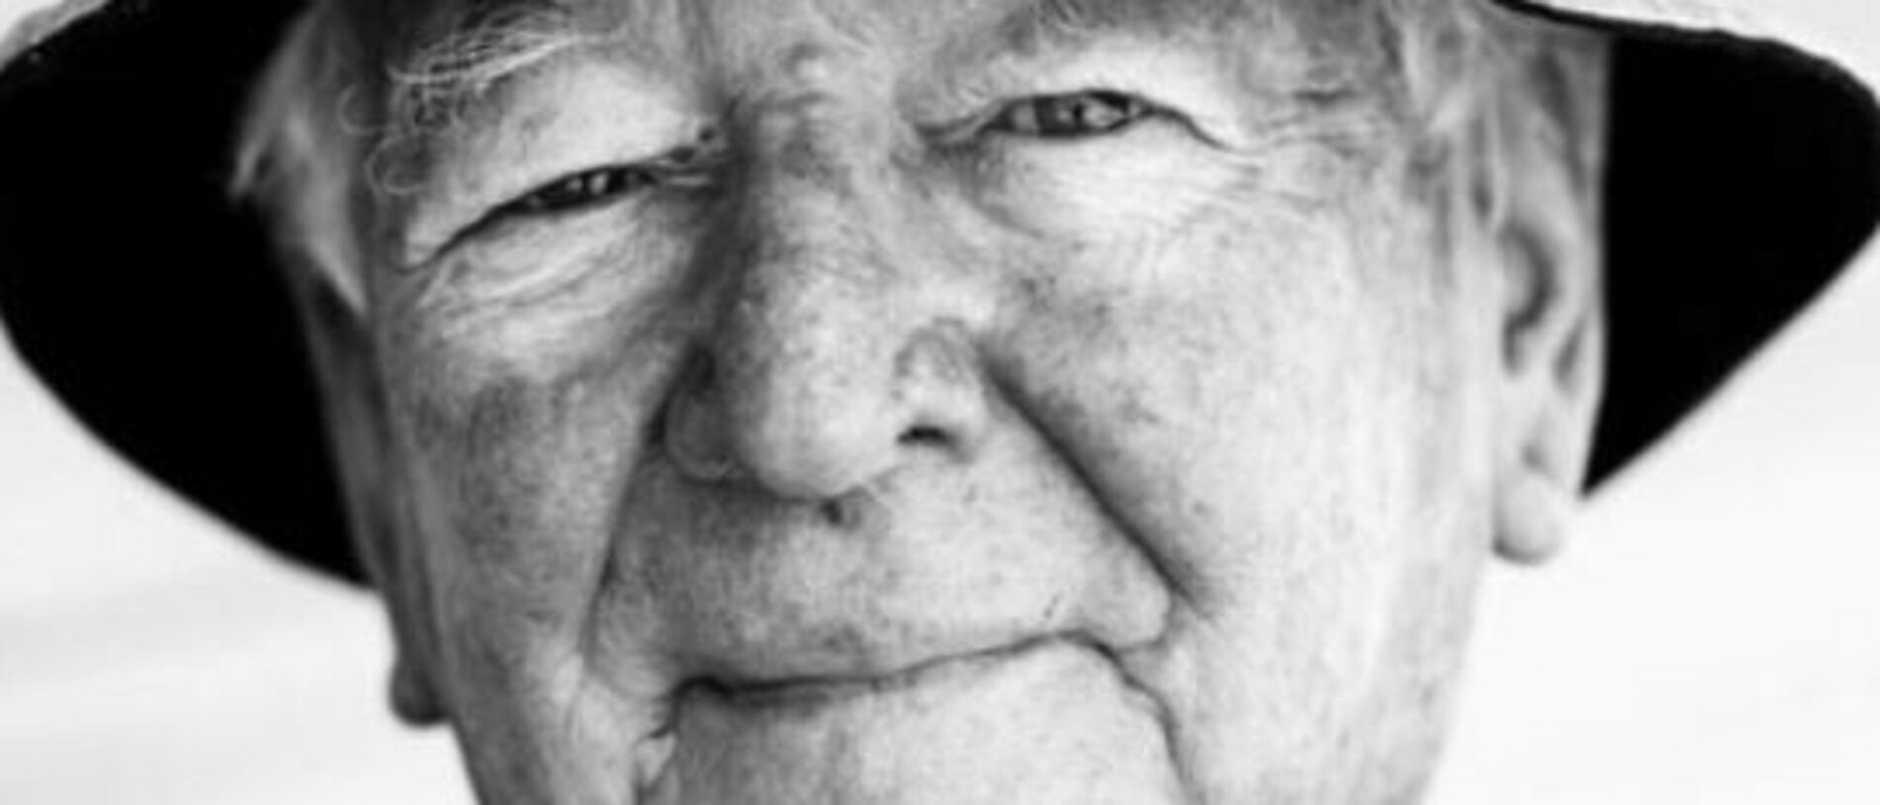 Peter warner has died, aged 90.